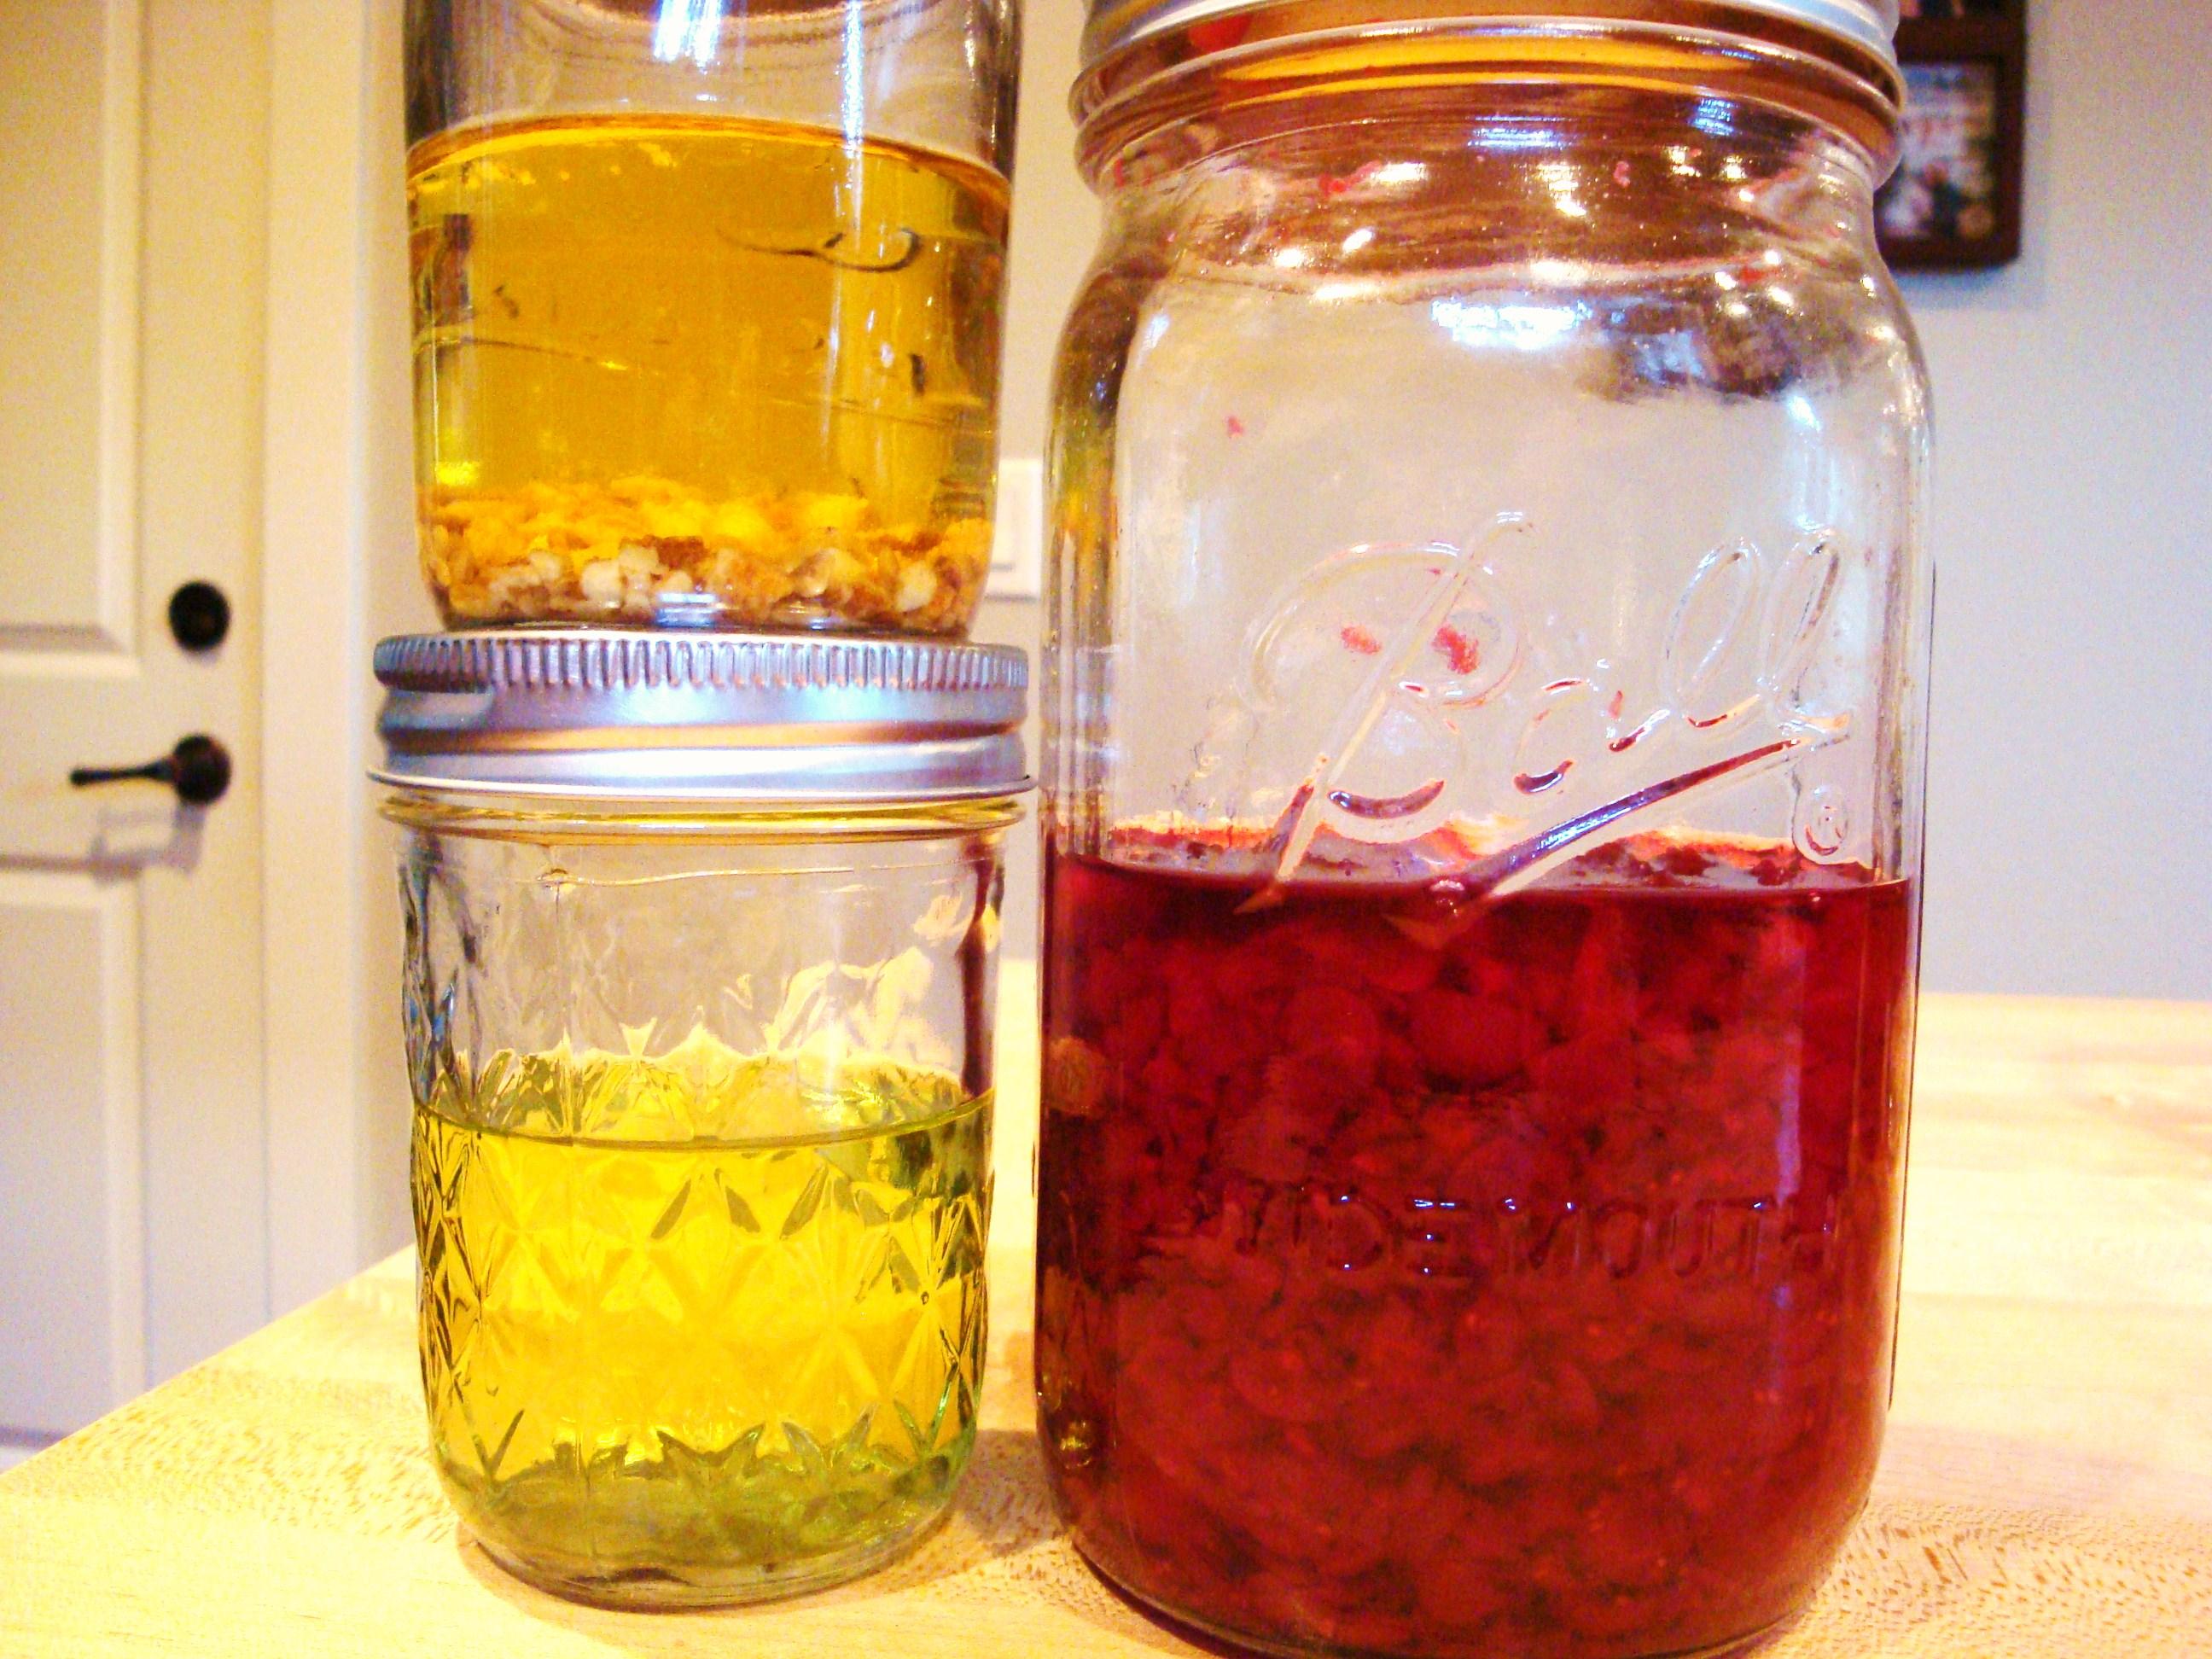 خرید عصاره نوشیدنی زعفران آترینا تهران